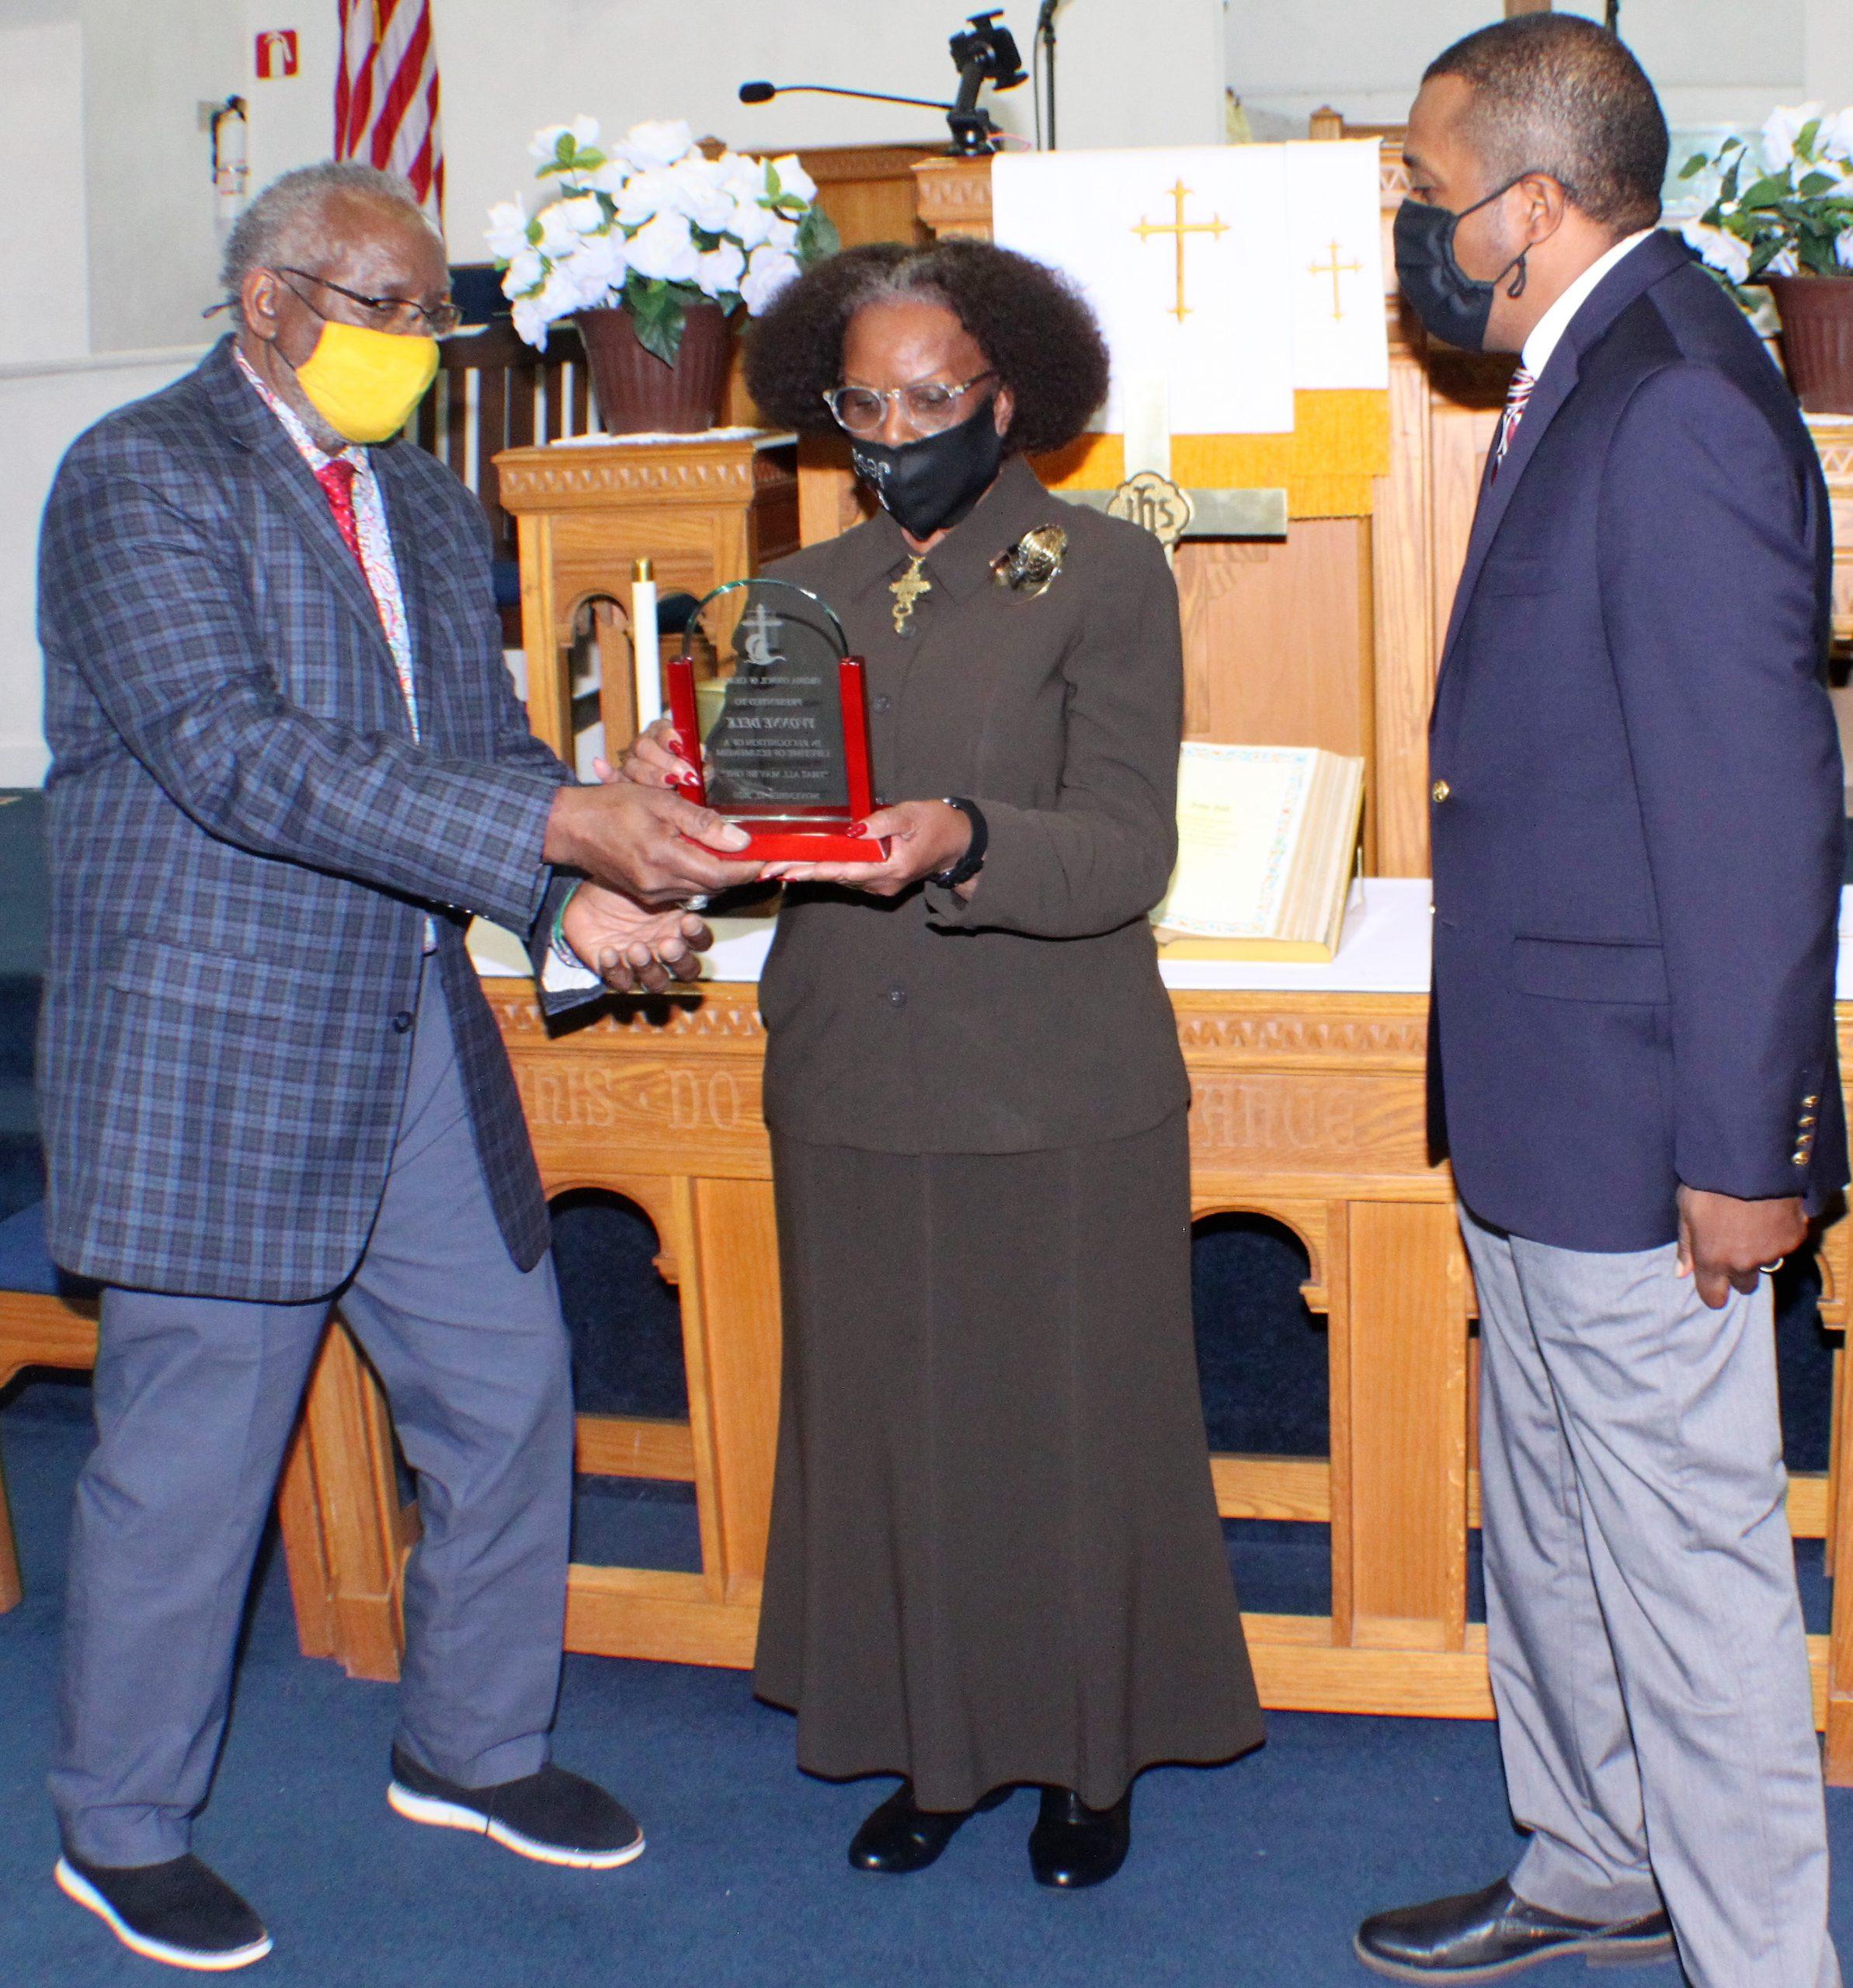 Delk receiving Virginia Council award 11/12/20